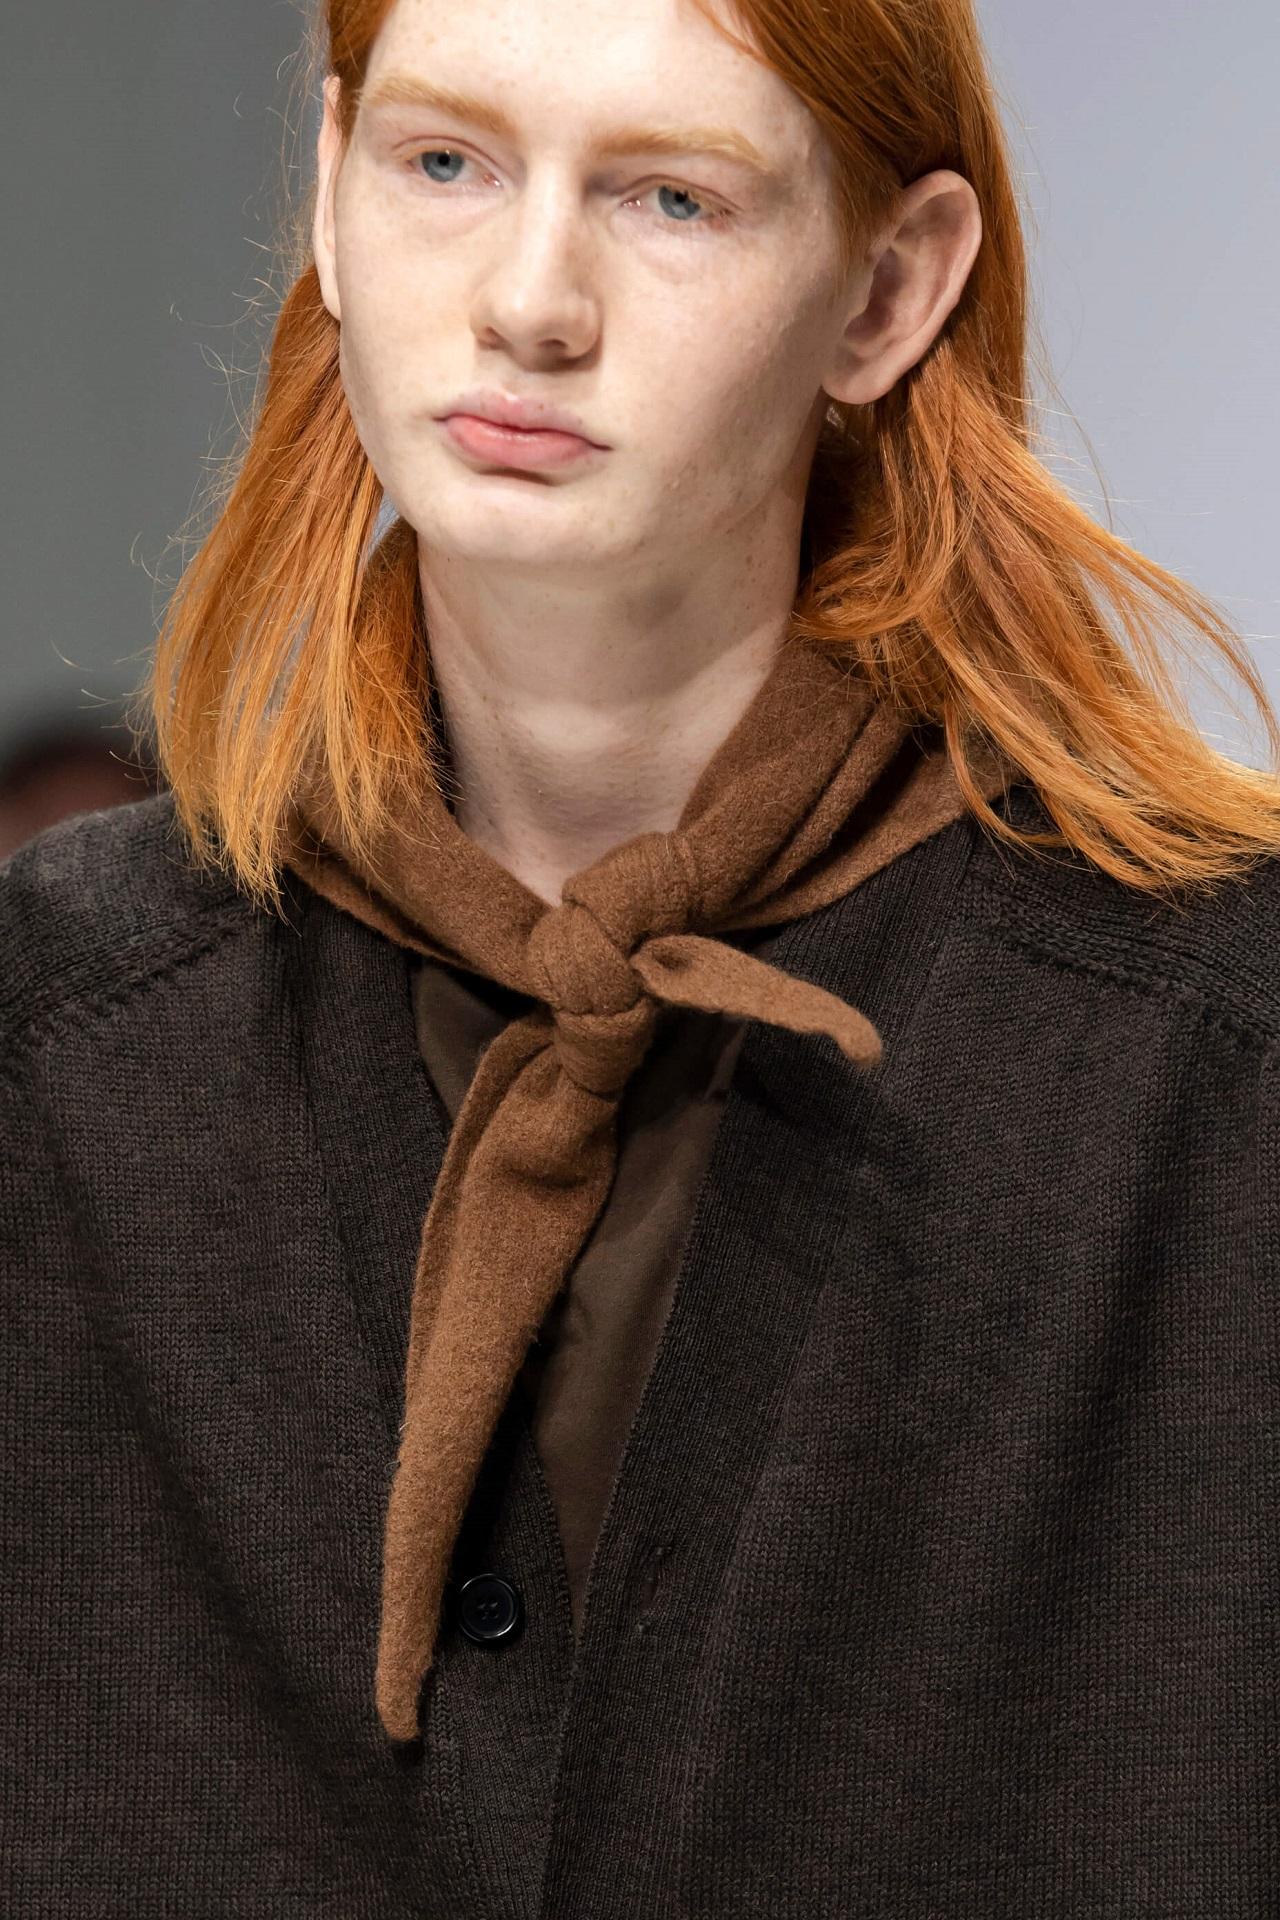 Анна на шее: 8 самых модных вариаций шарфов сезона осень-зима 2020/21-Фото 4